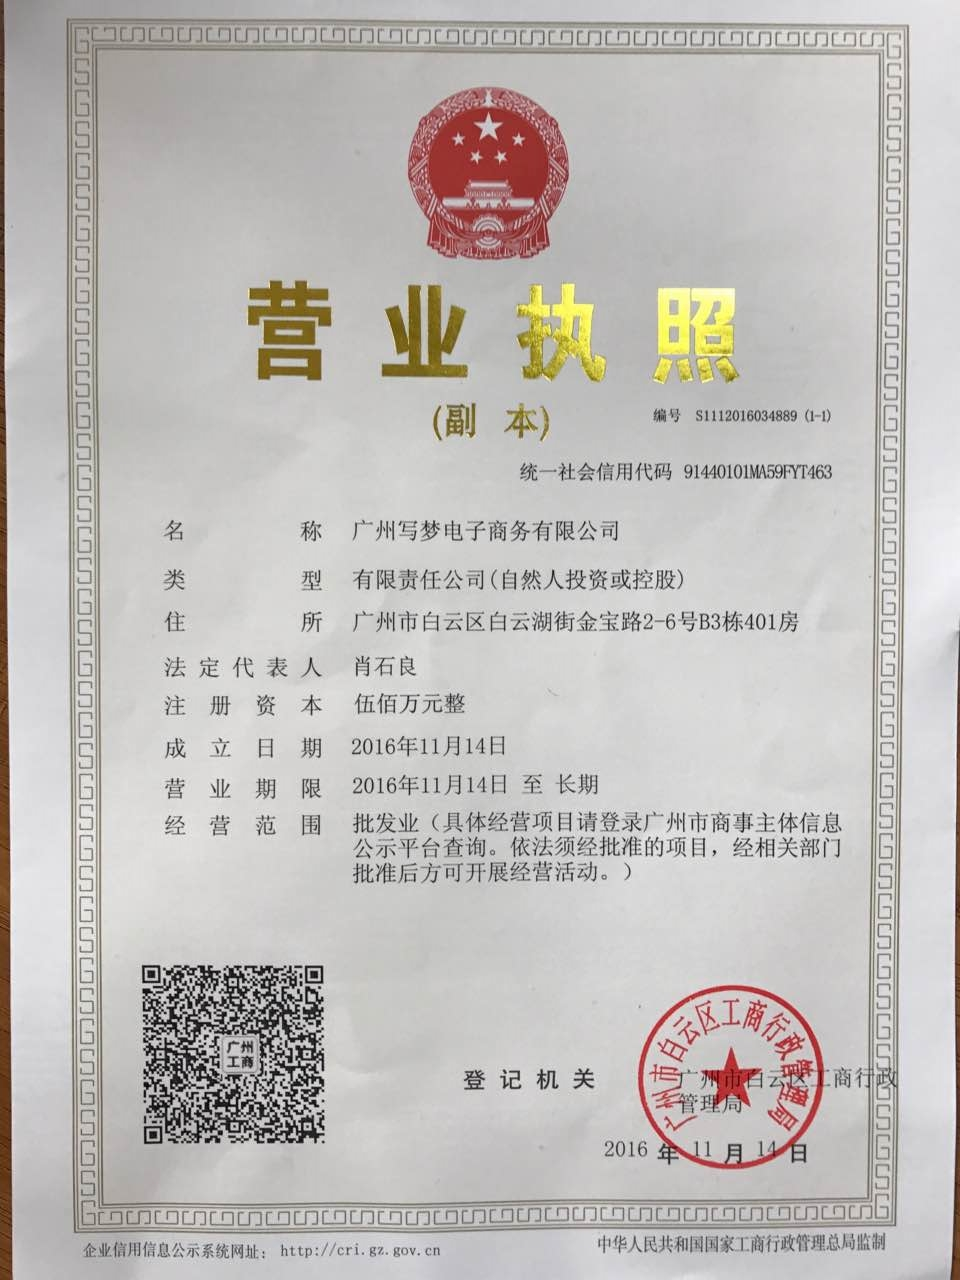 广州布梵折扣品牌女装有限责任公司企业档案